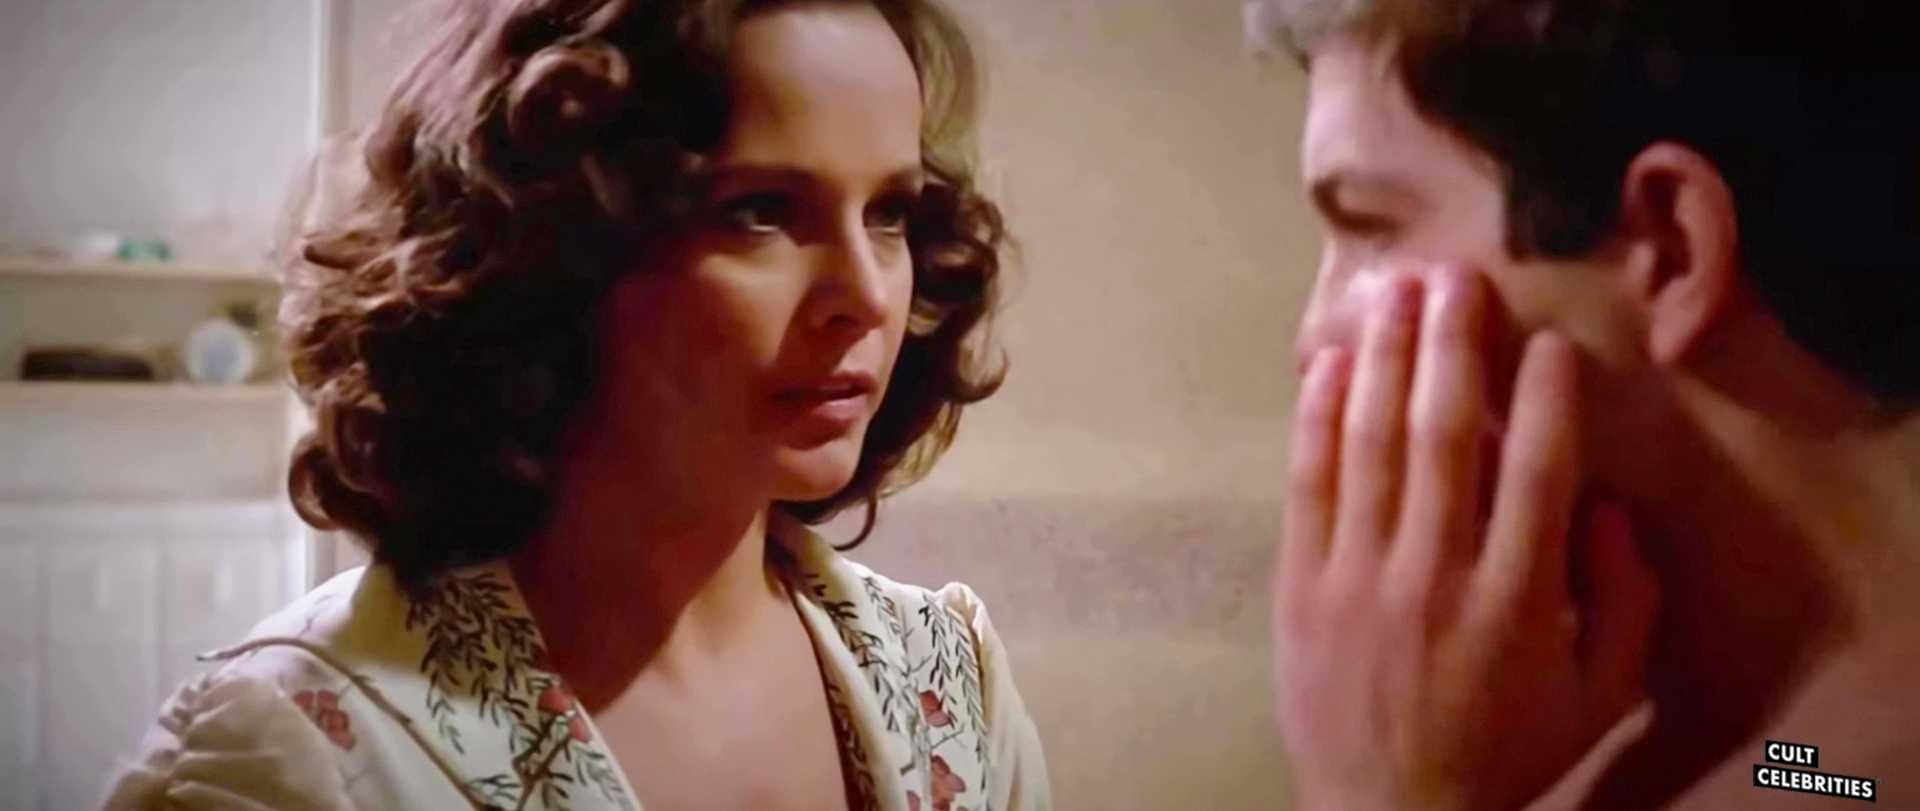 Laura Antonelli in Malicious (1973)